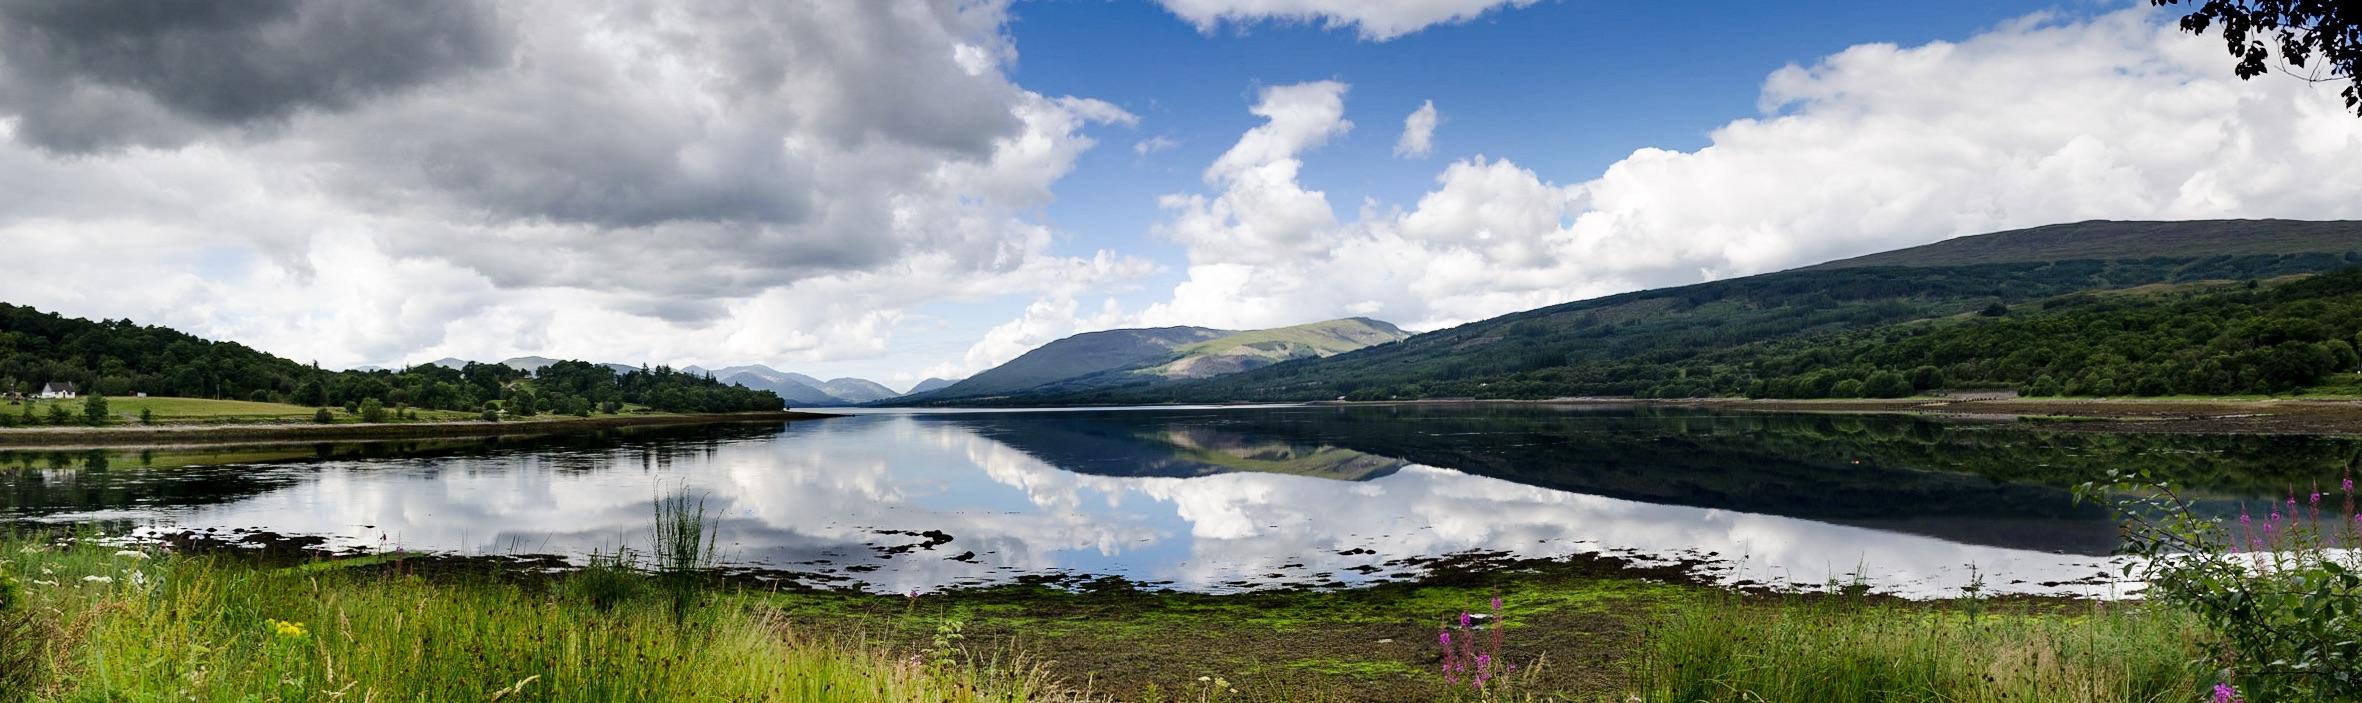 Loch Eil Panorama